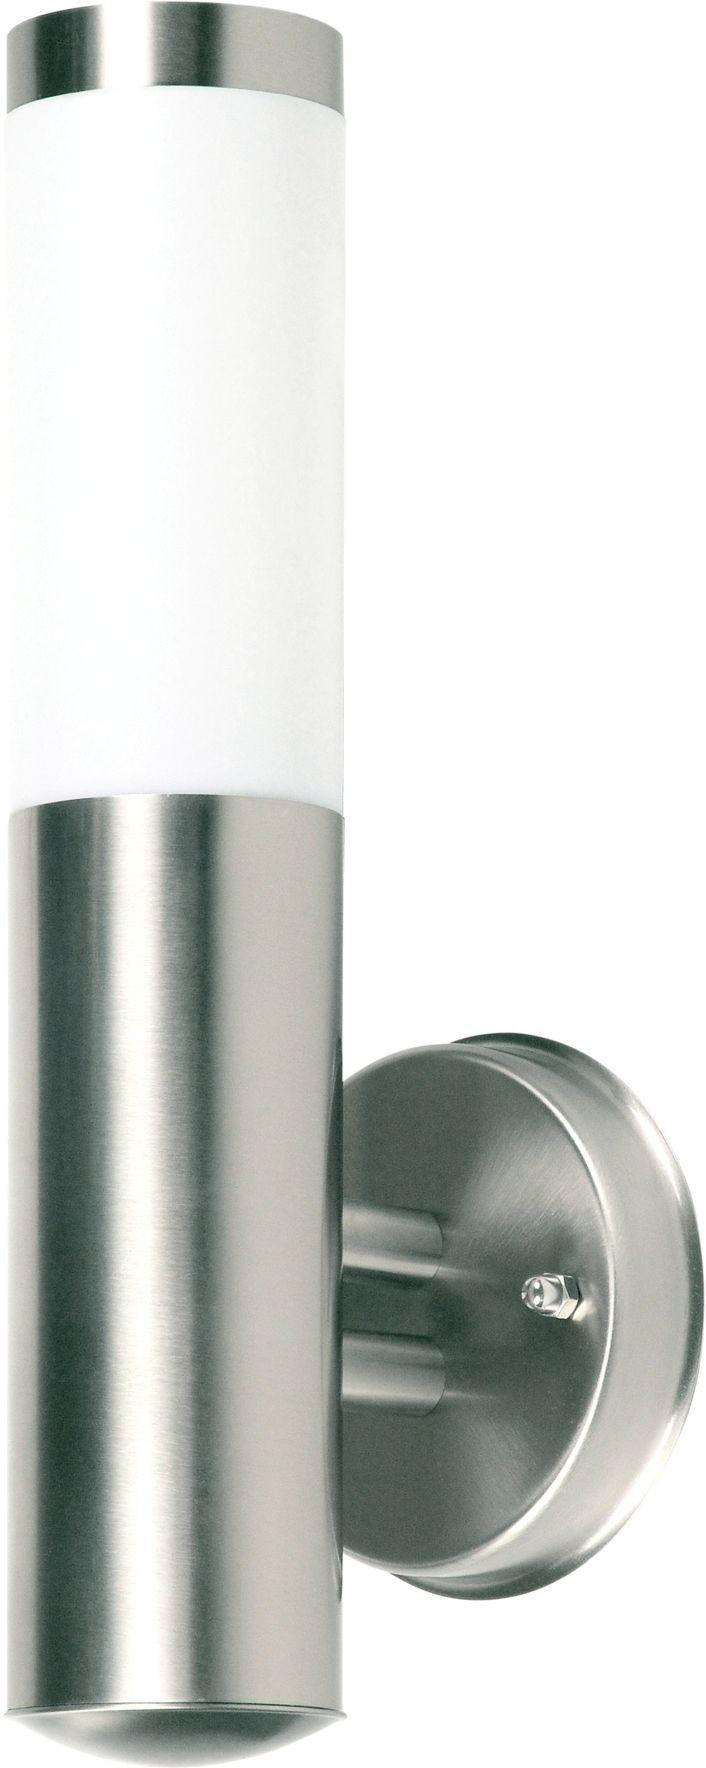 Ranex Silver Coloured Outdoor Wall Light